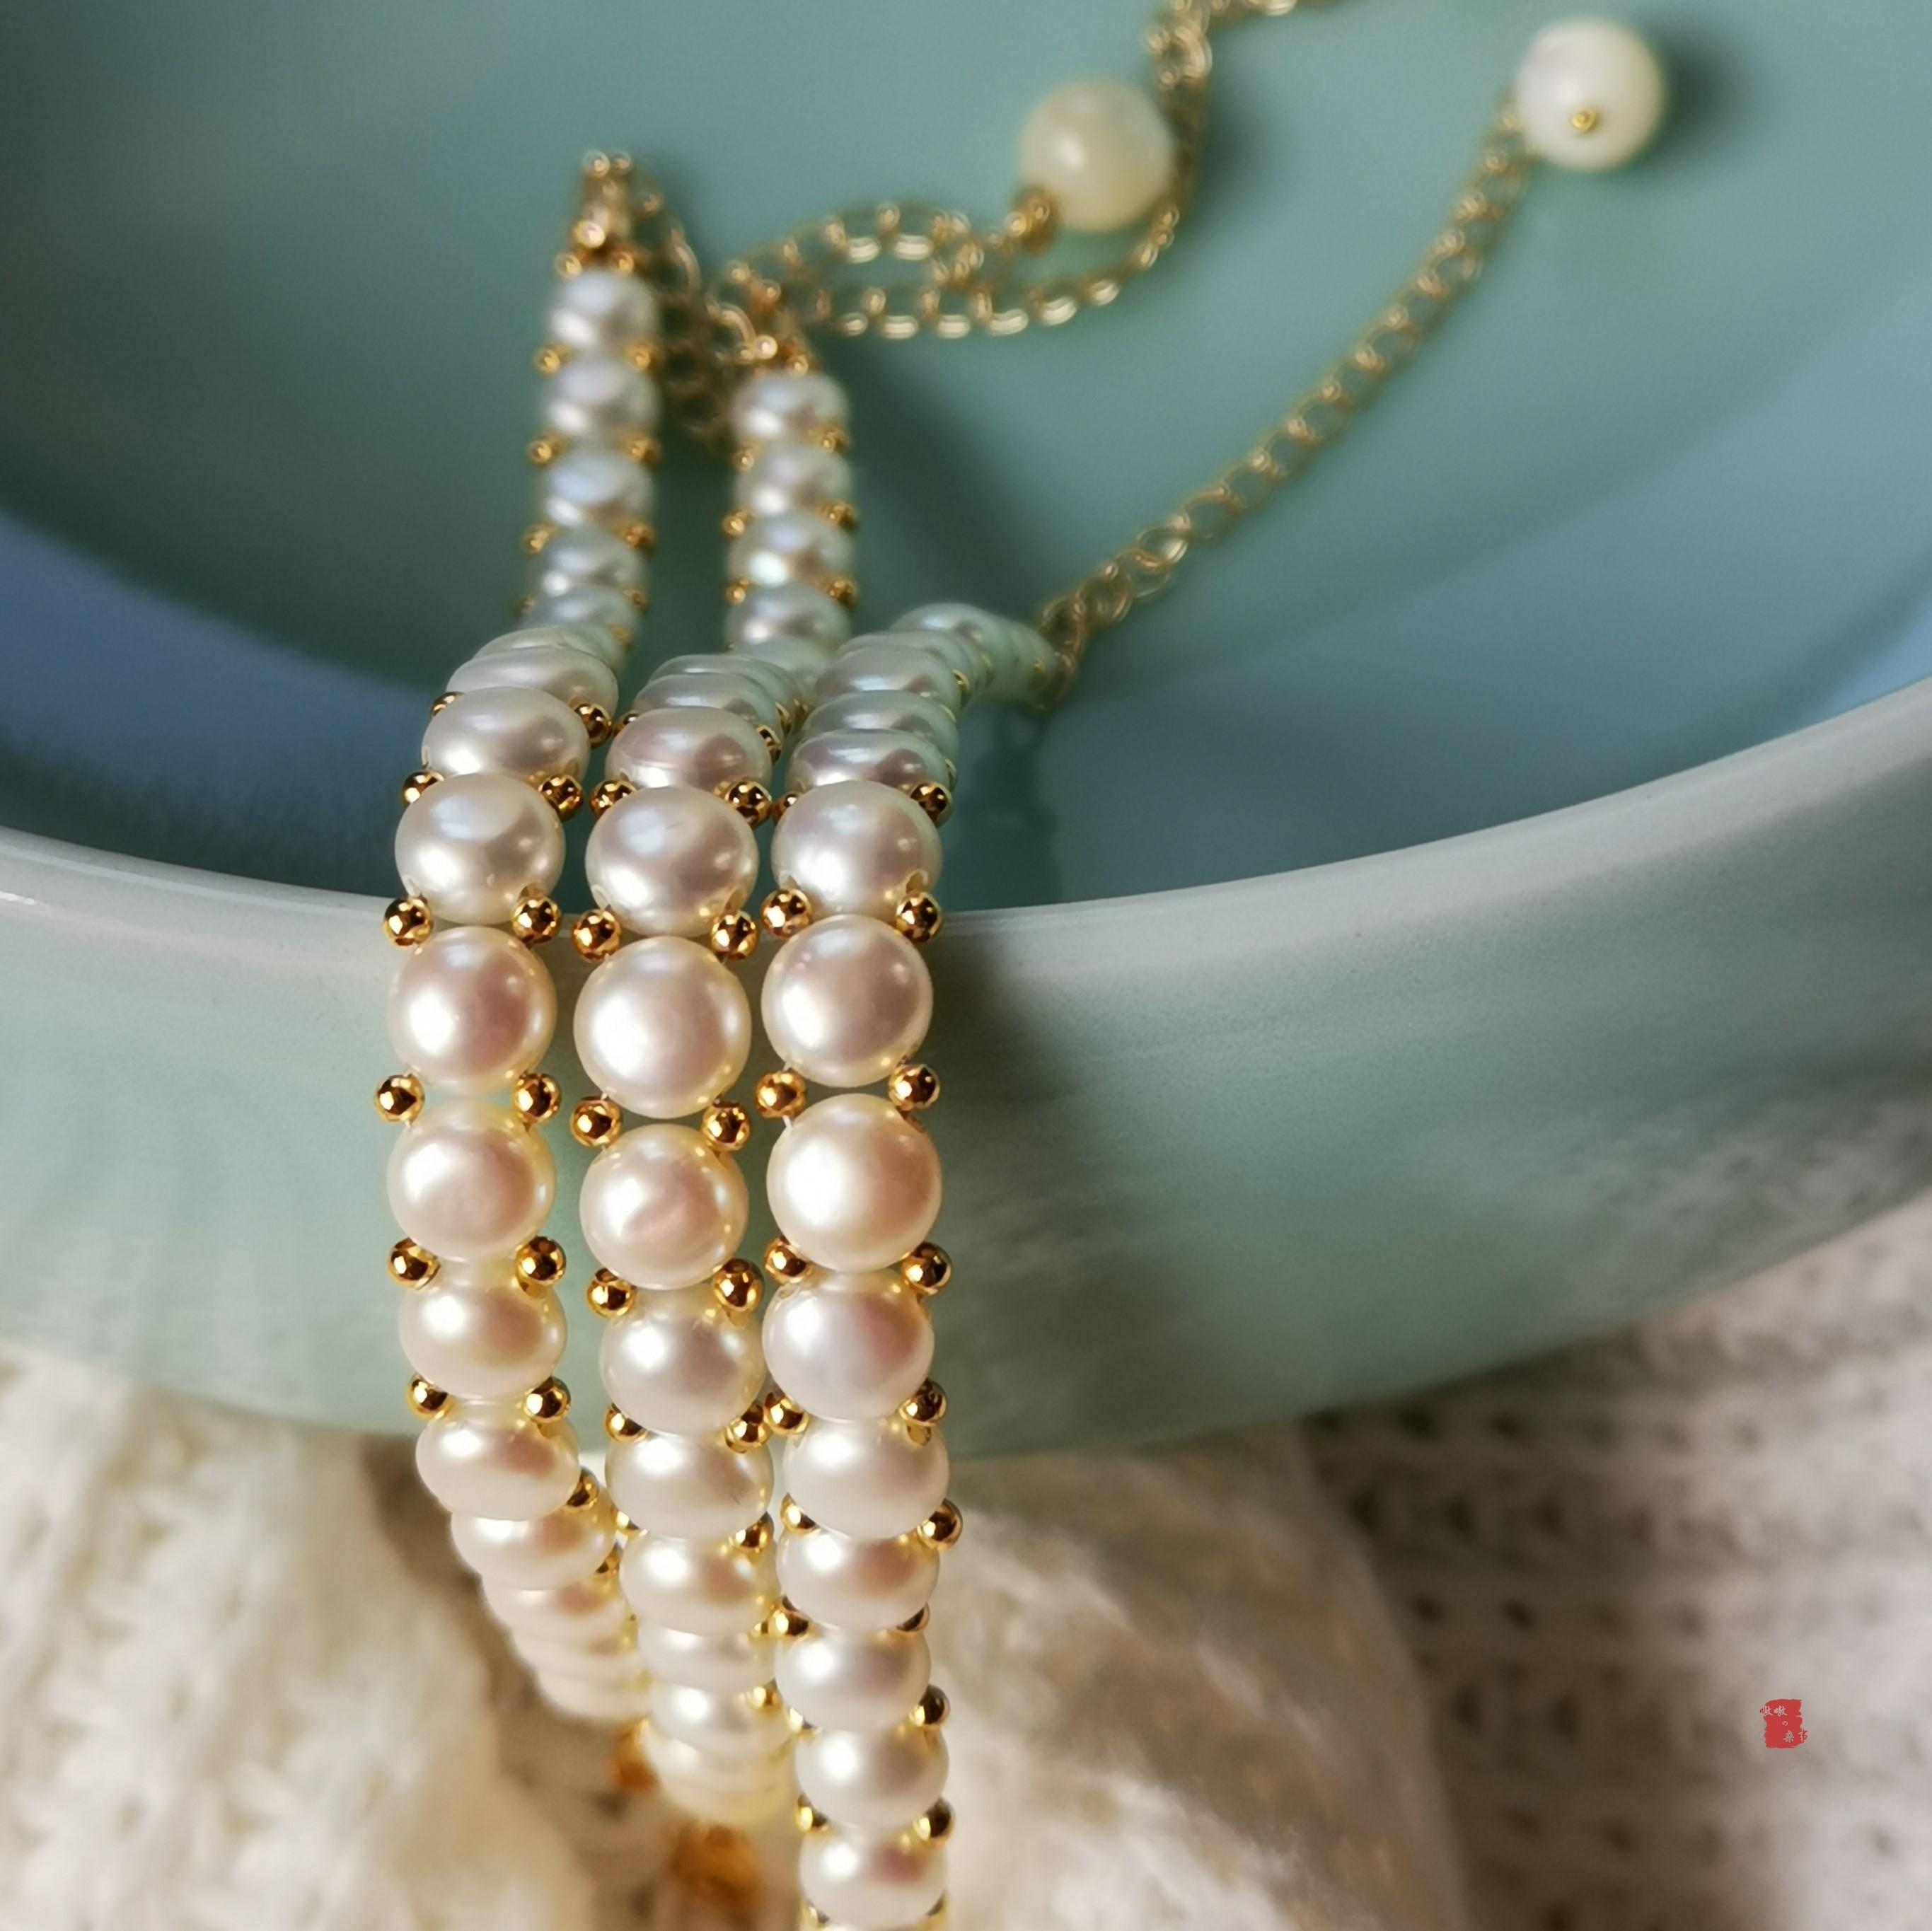 【嗷嗷杂事】天然淡水馒头珍珠14K金手链手圈简约气质女森女风格